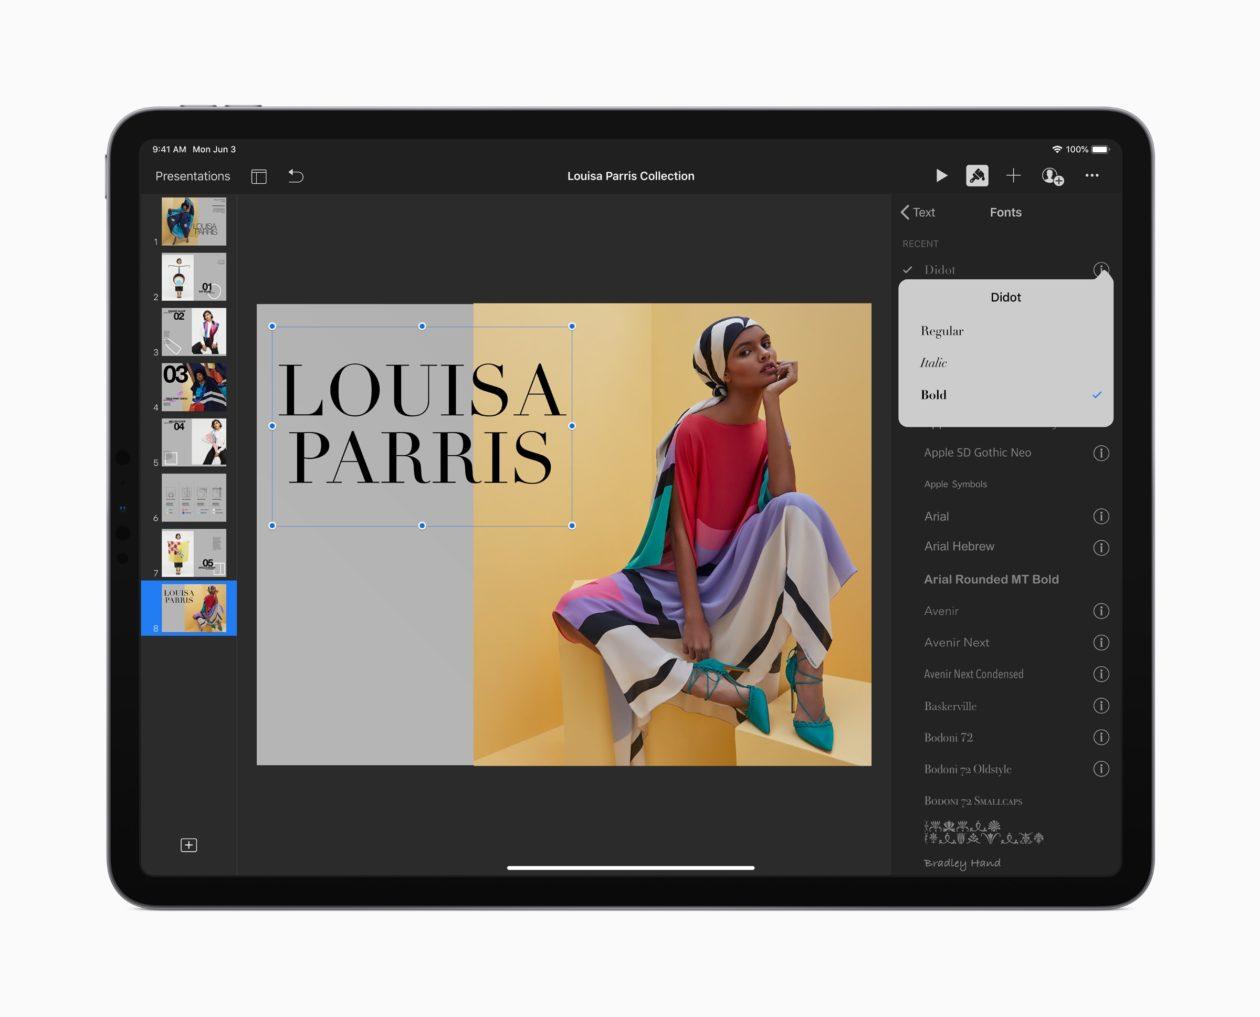 Fontes personalizadas no iPadOS 13